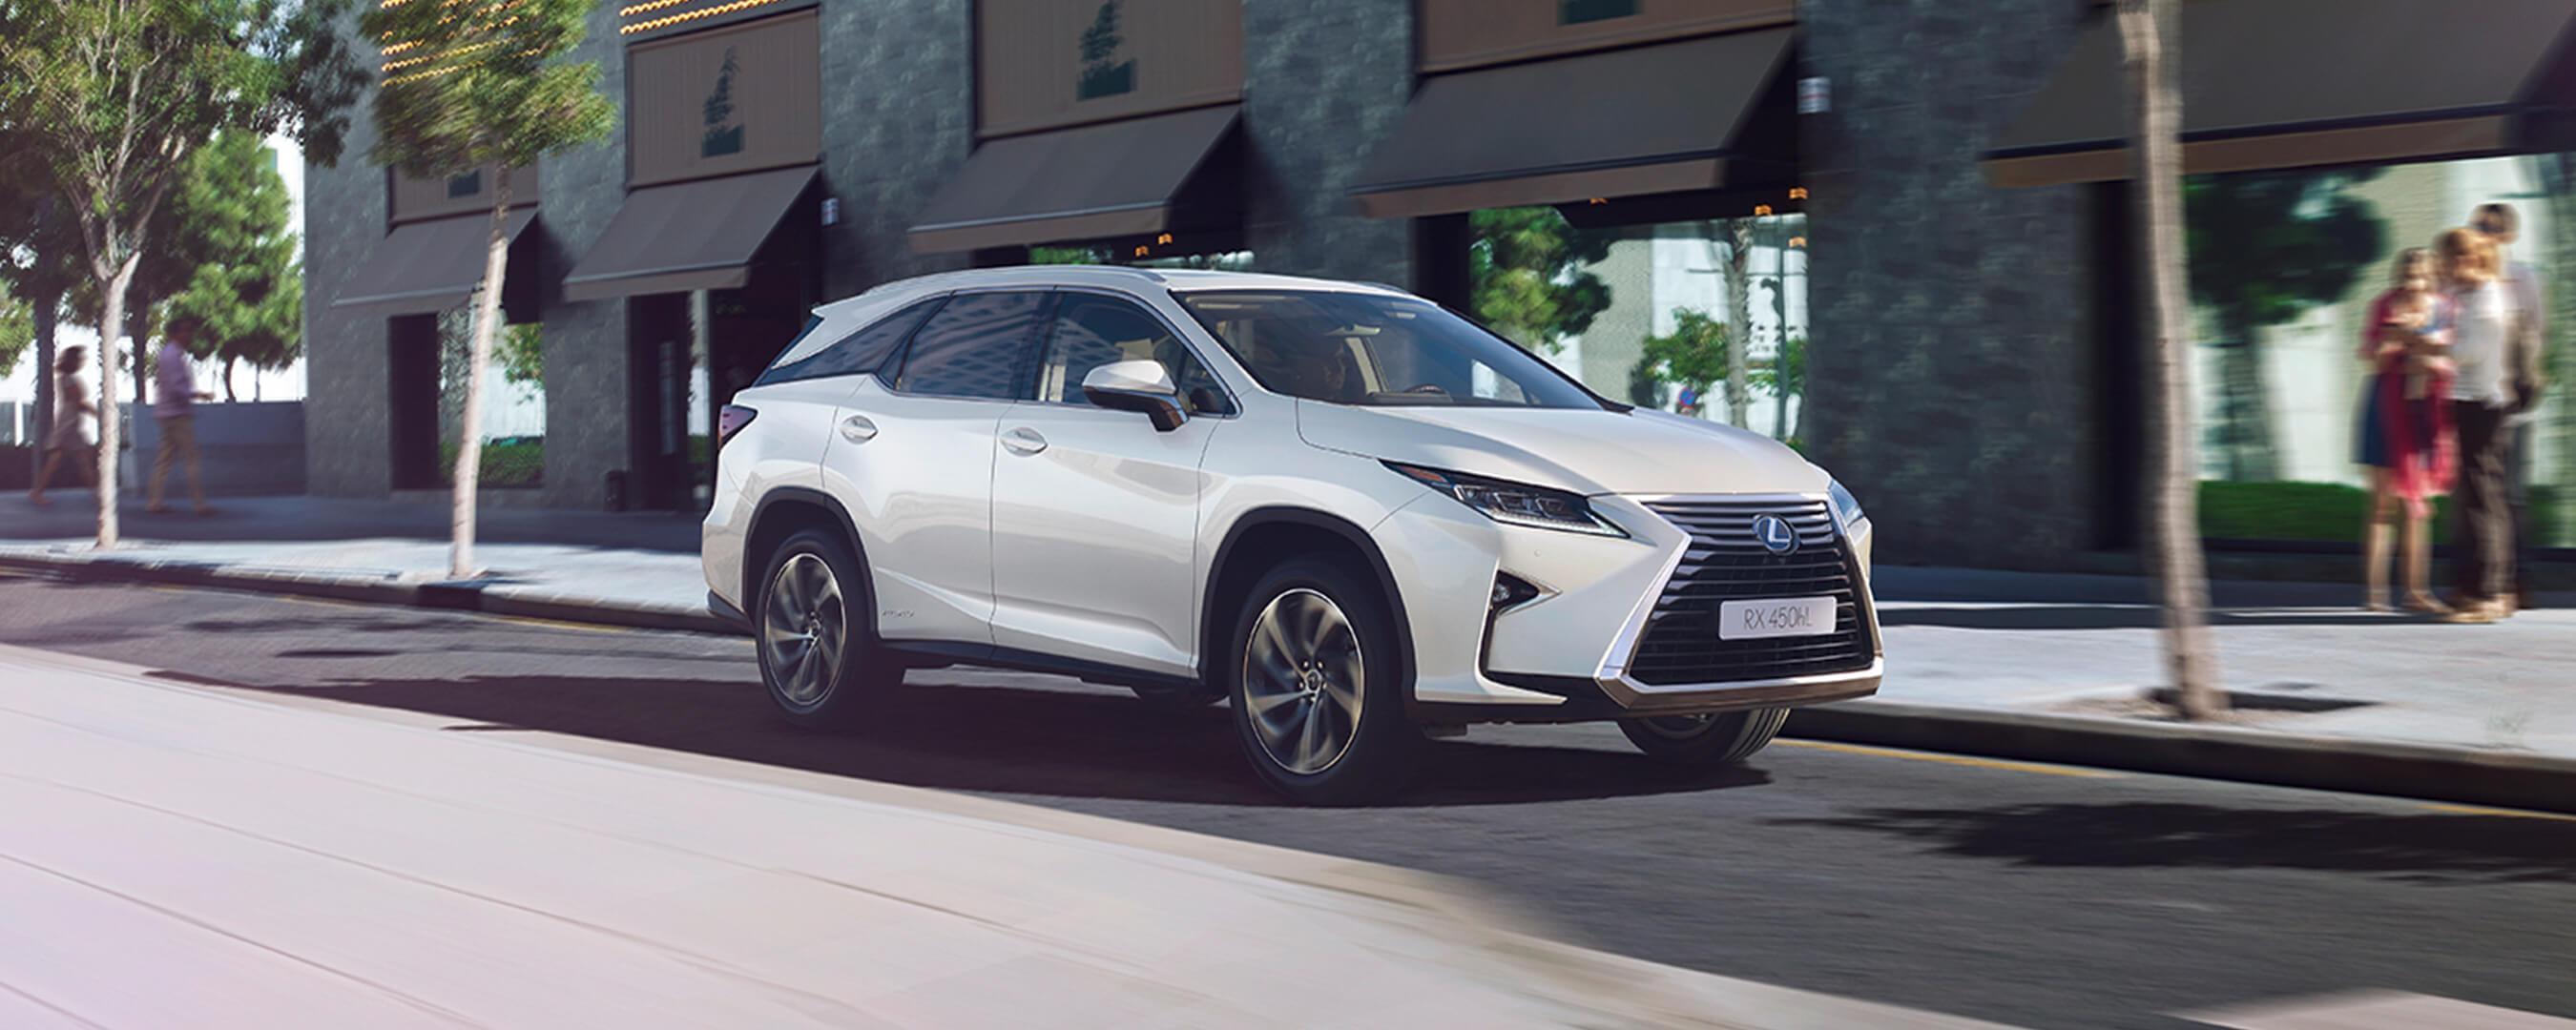 2018 lexus rx l experience exterior front